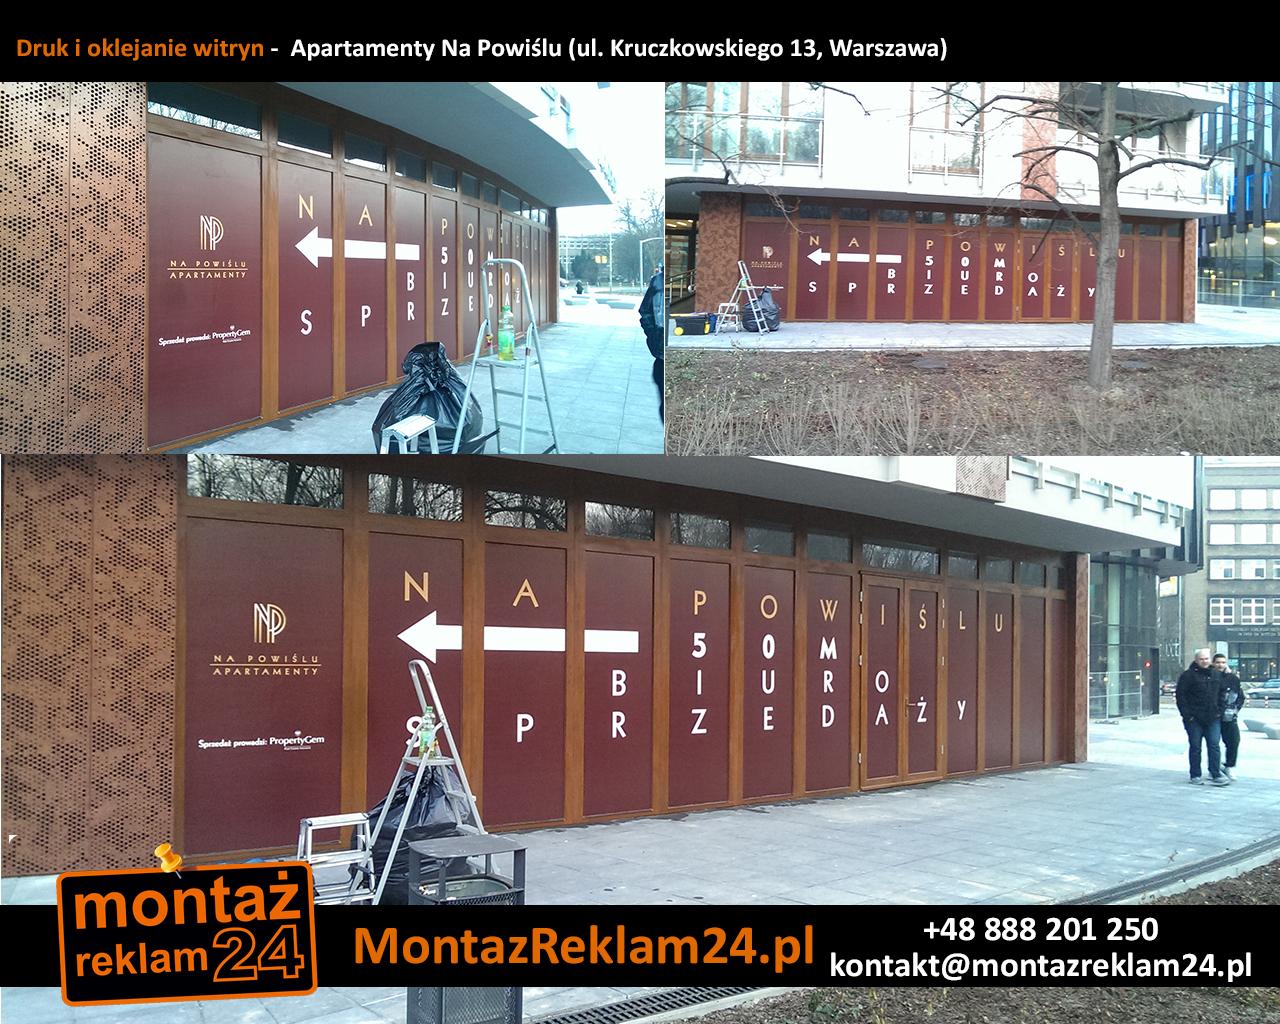 Apartamenty Na Powislu.jpg